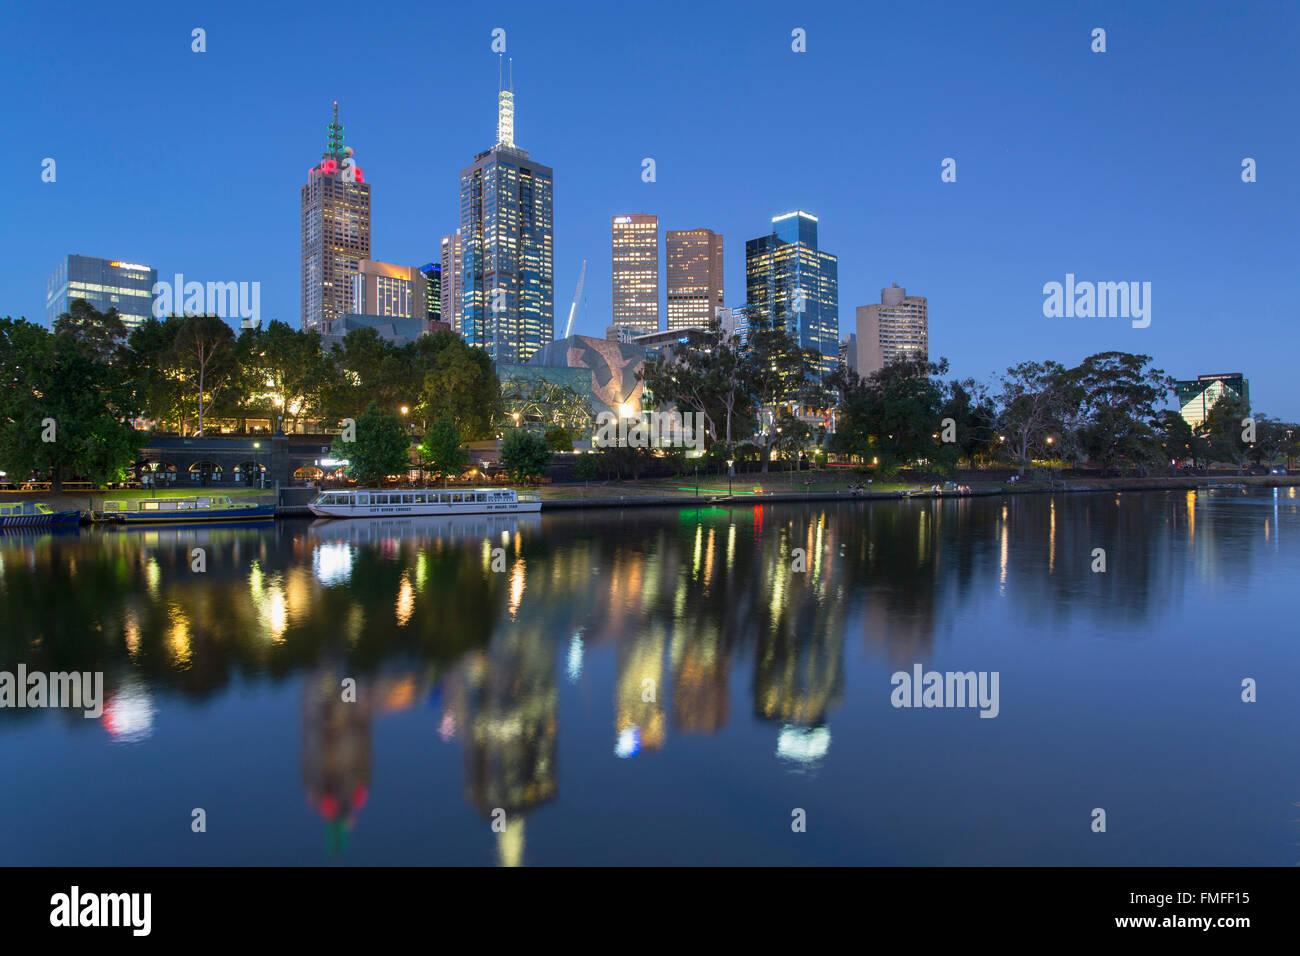 Skyline along Yarra River at dusk, Melbourne, Victoria, Australia - Stock Image